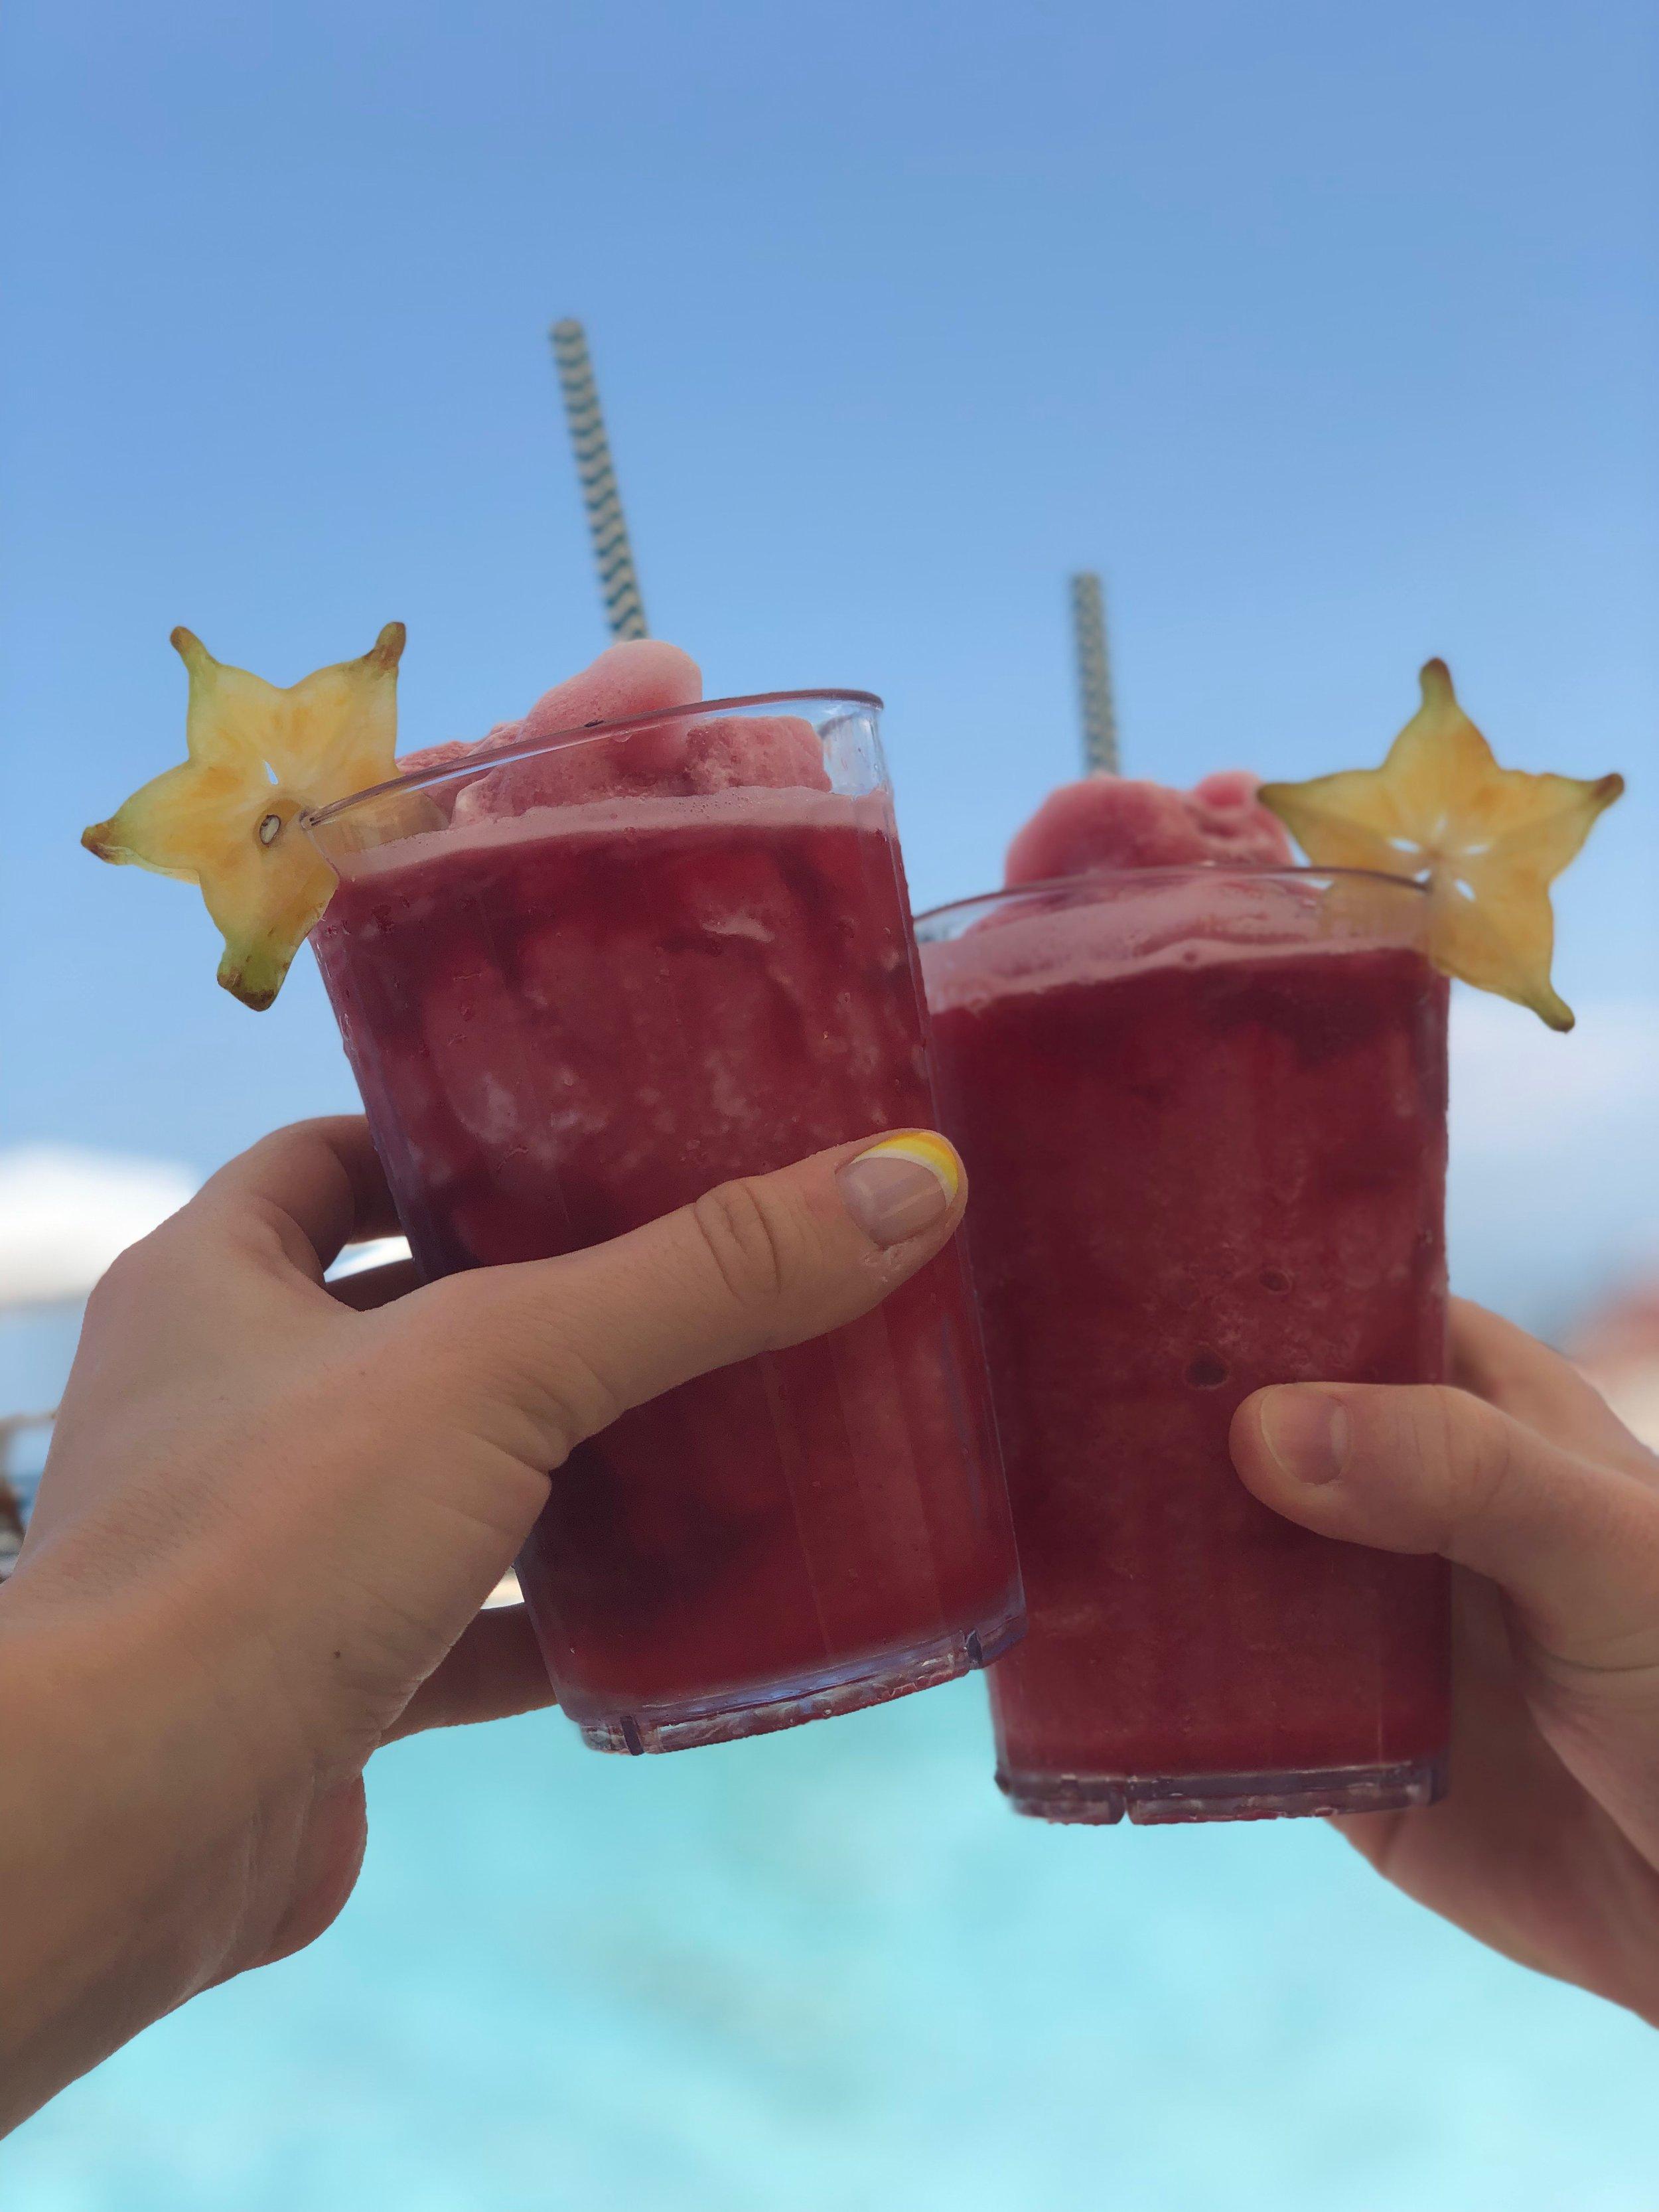 paracas-hotel-beach-peru-south-america-chicha-morada